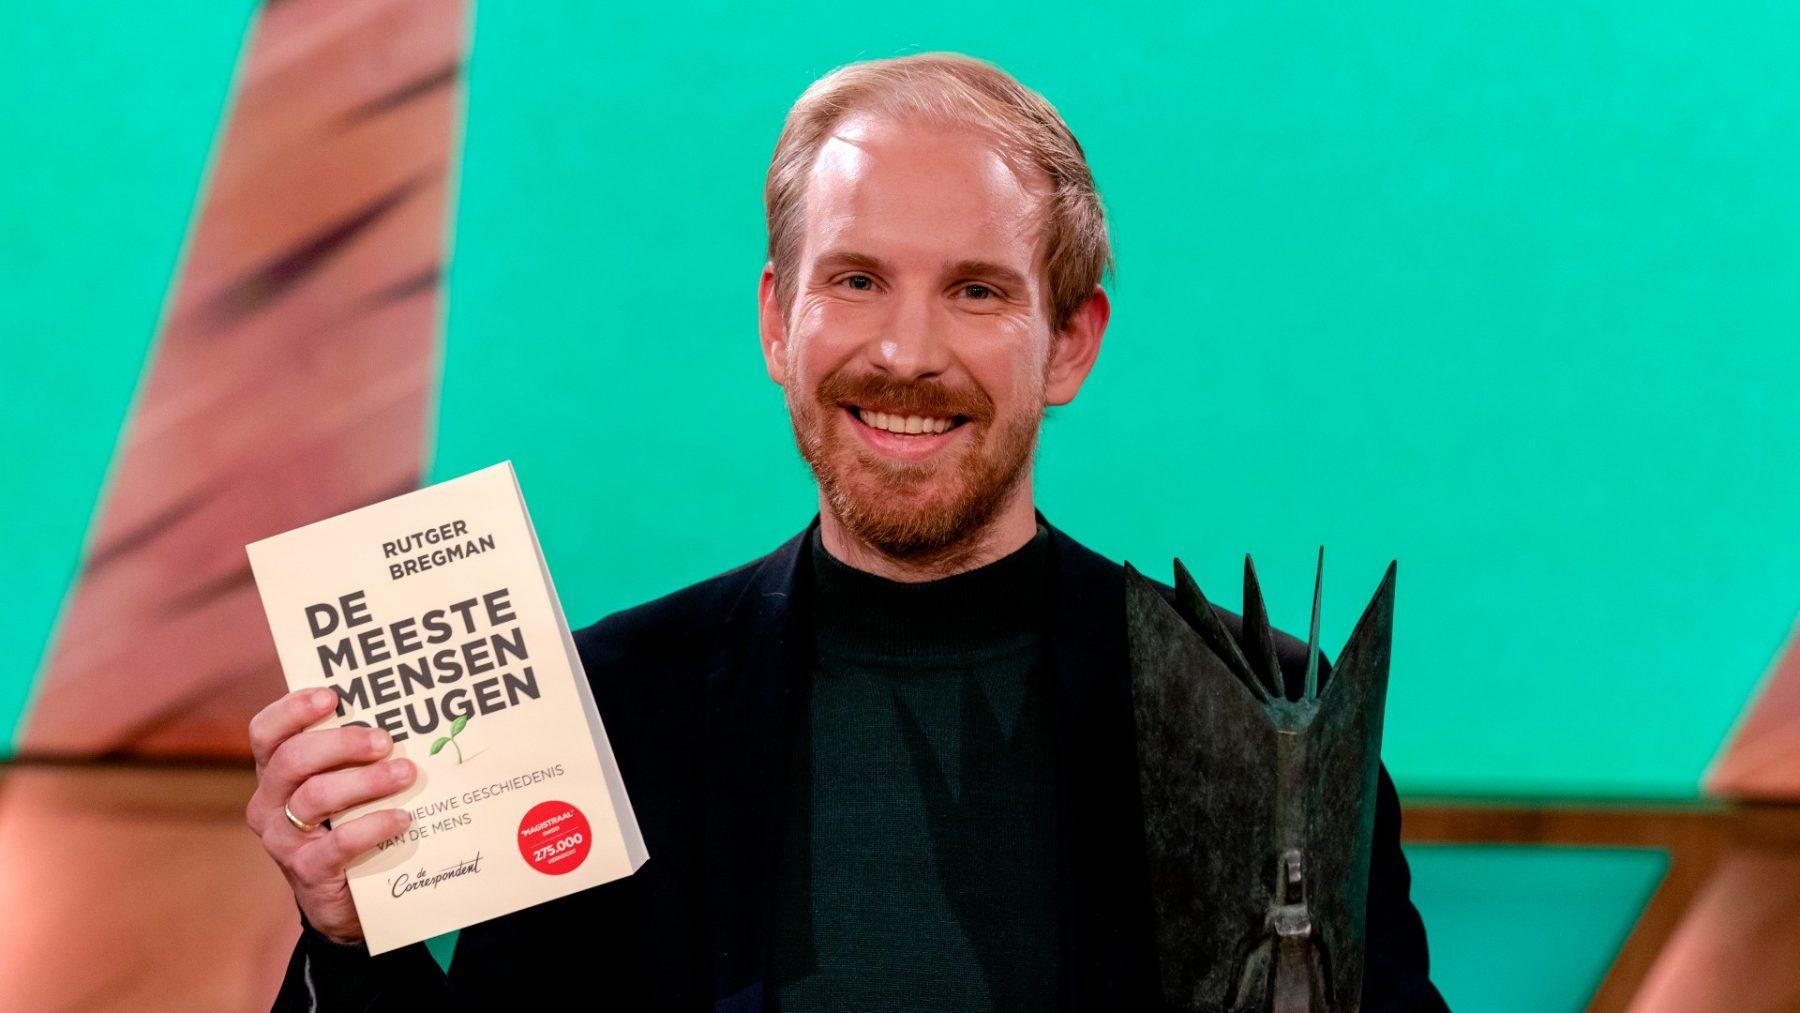 Rutger Bregman wint NS Publieksprijs met 'De meeste mensen deugen'